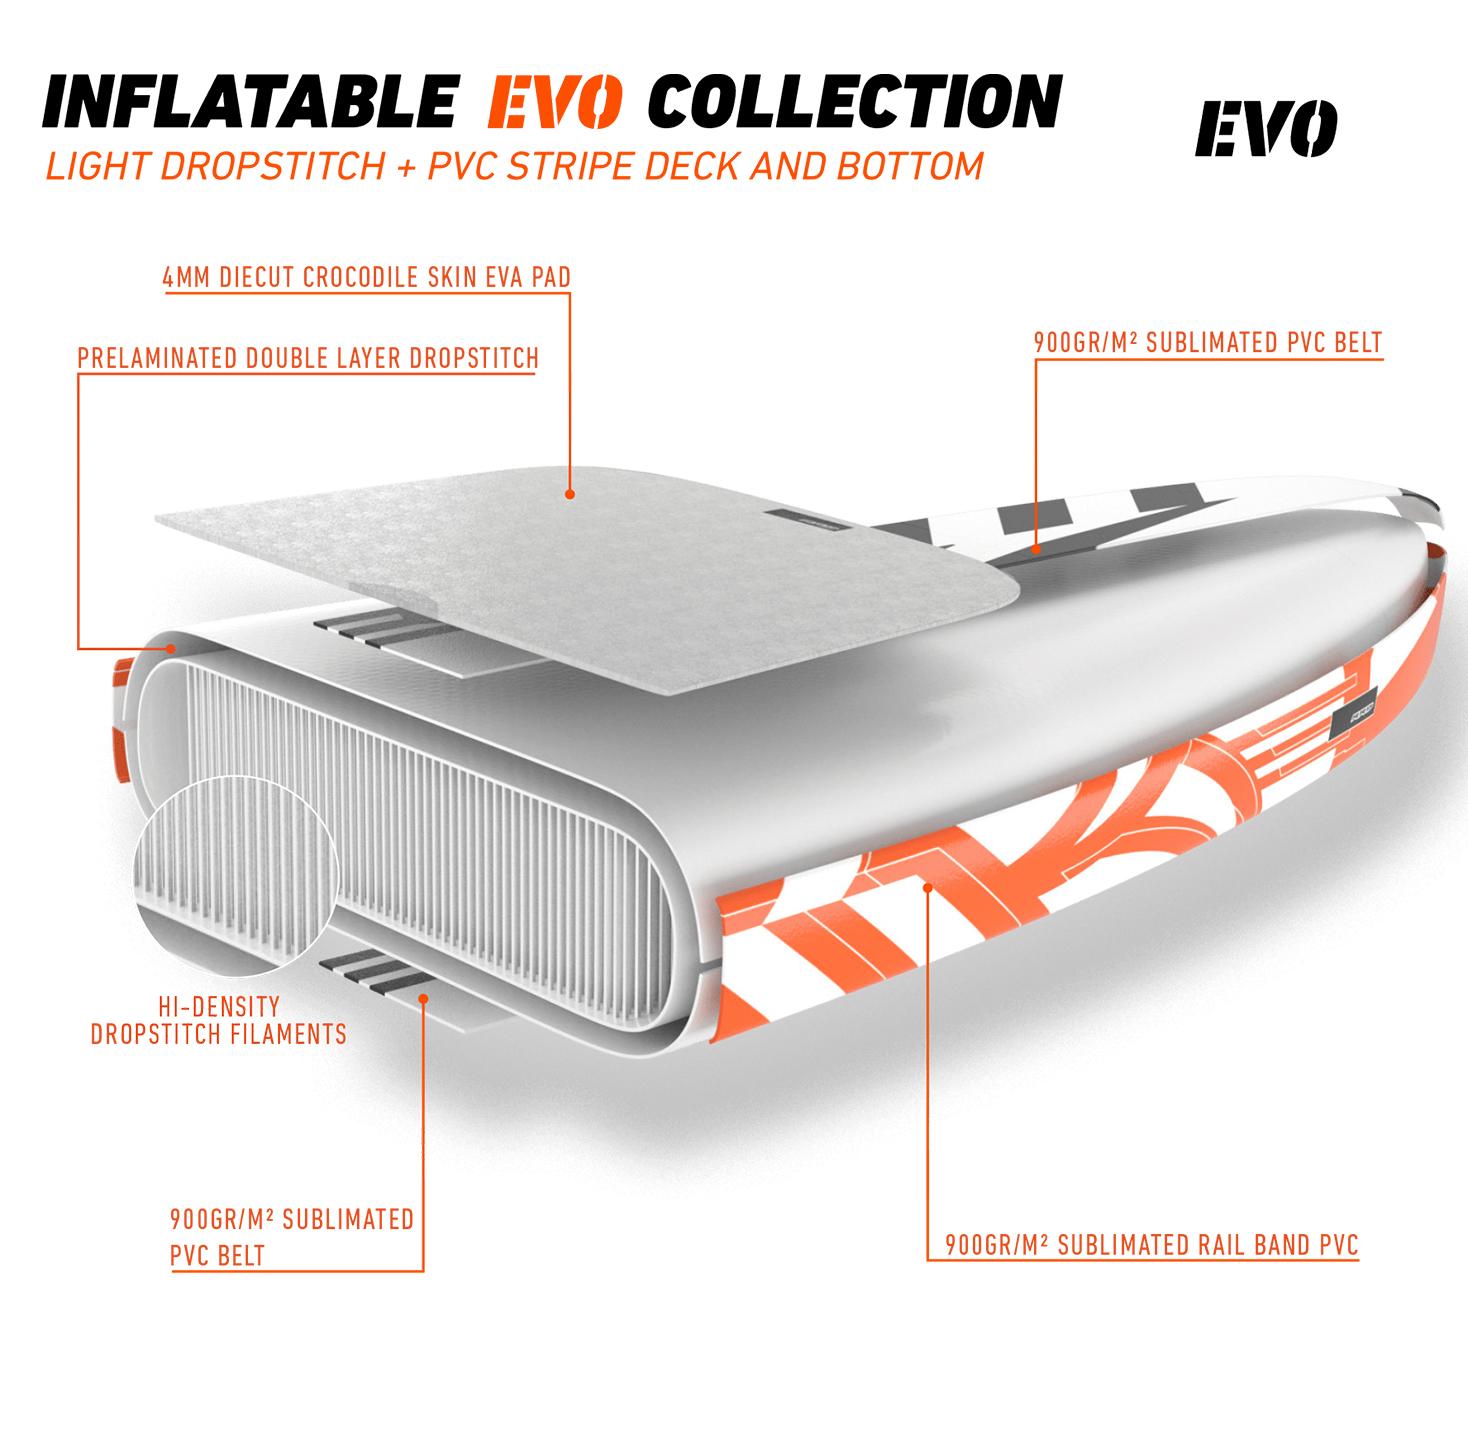 RRD Air Evo SUP Technologie